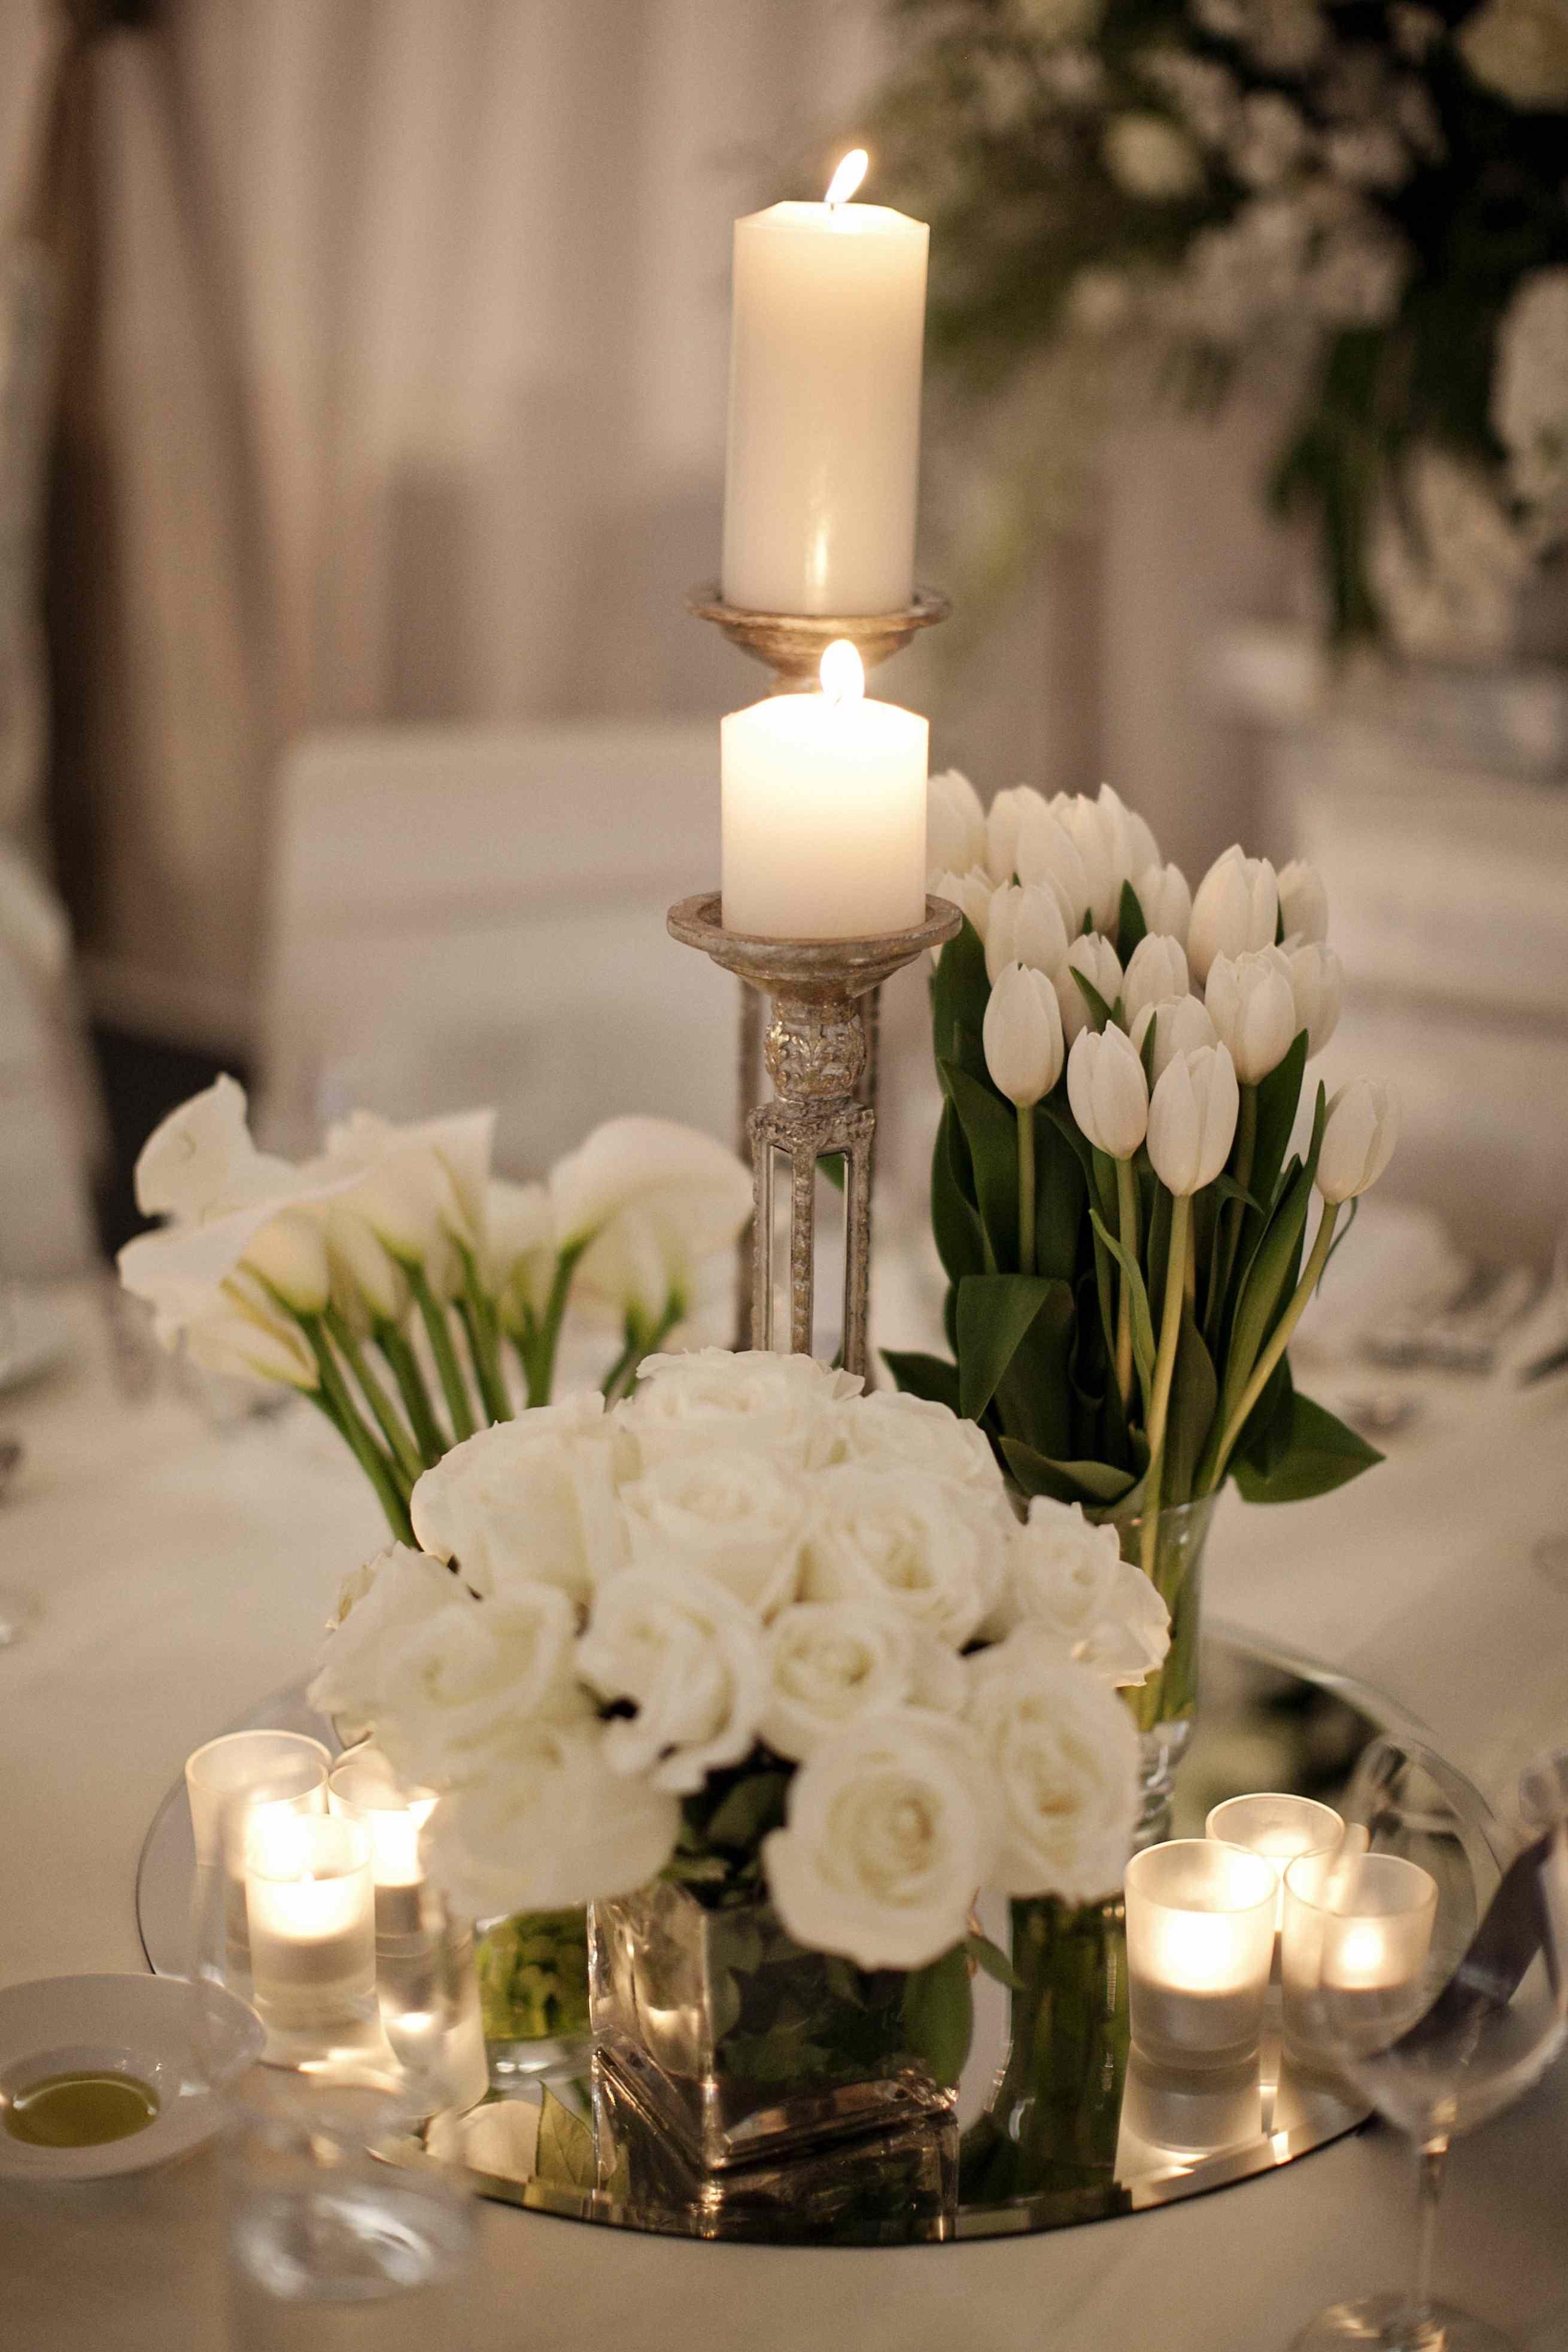 Centros de mesa con velas y base de espejo precioso - Centros con velas ...